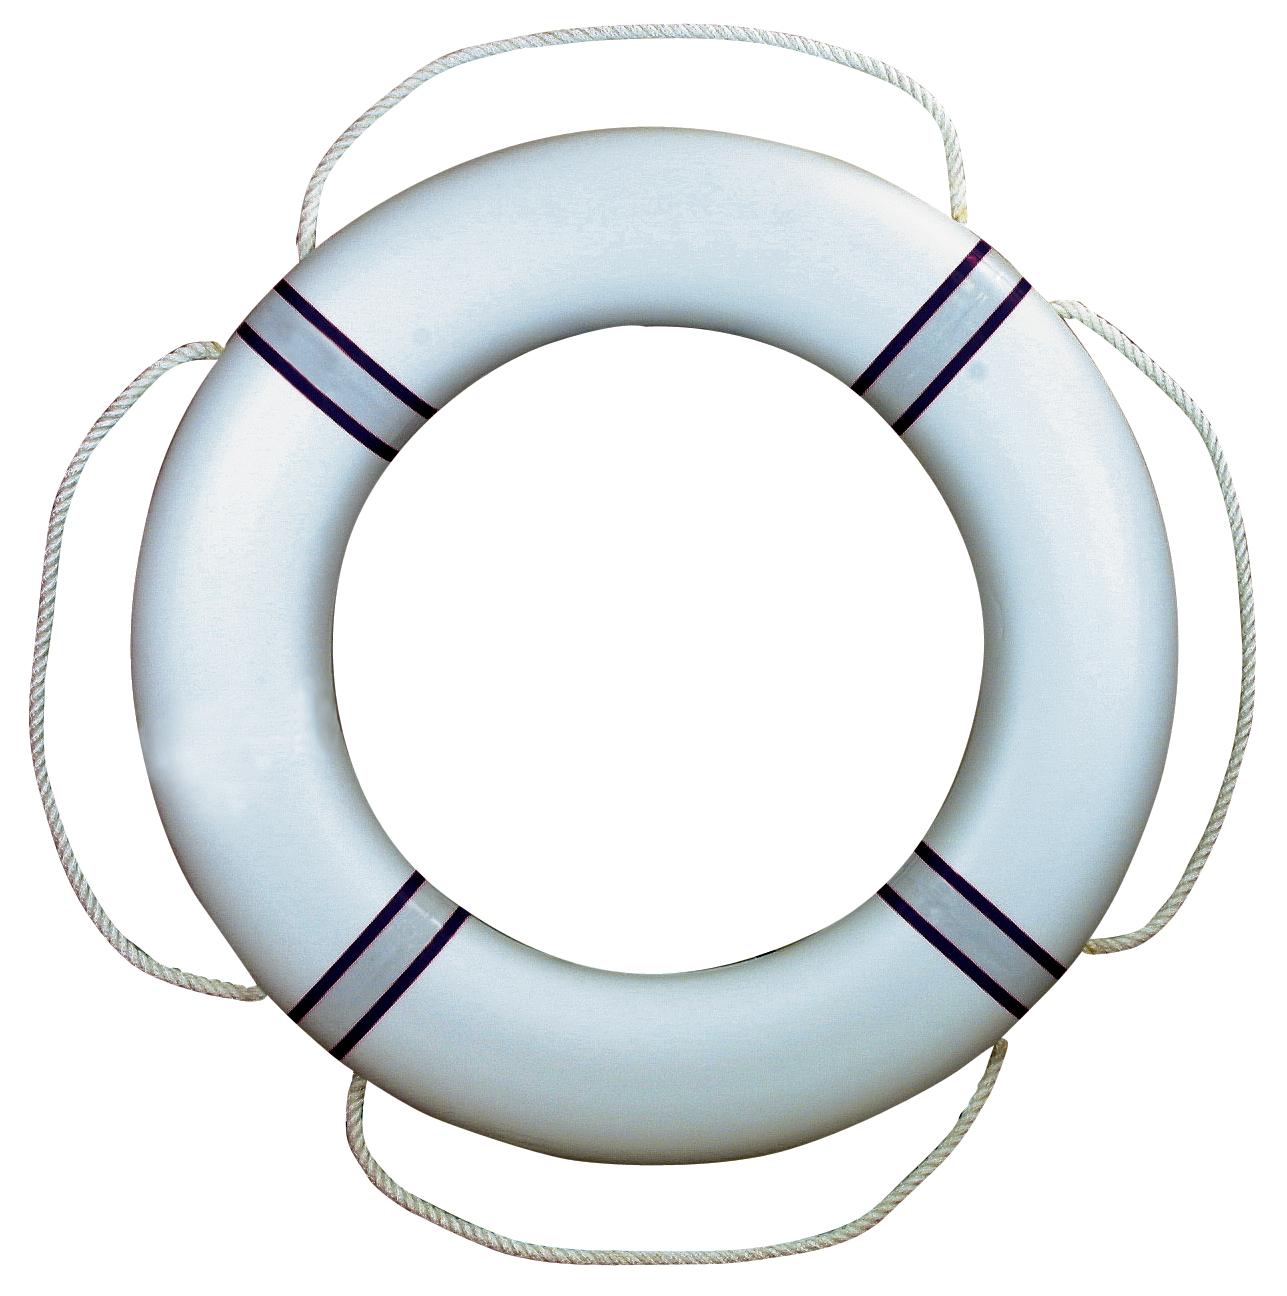 Livboj fp 380 marin/vit reflex